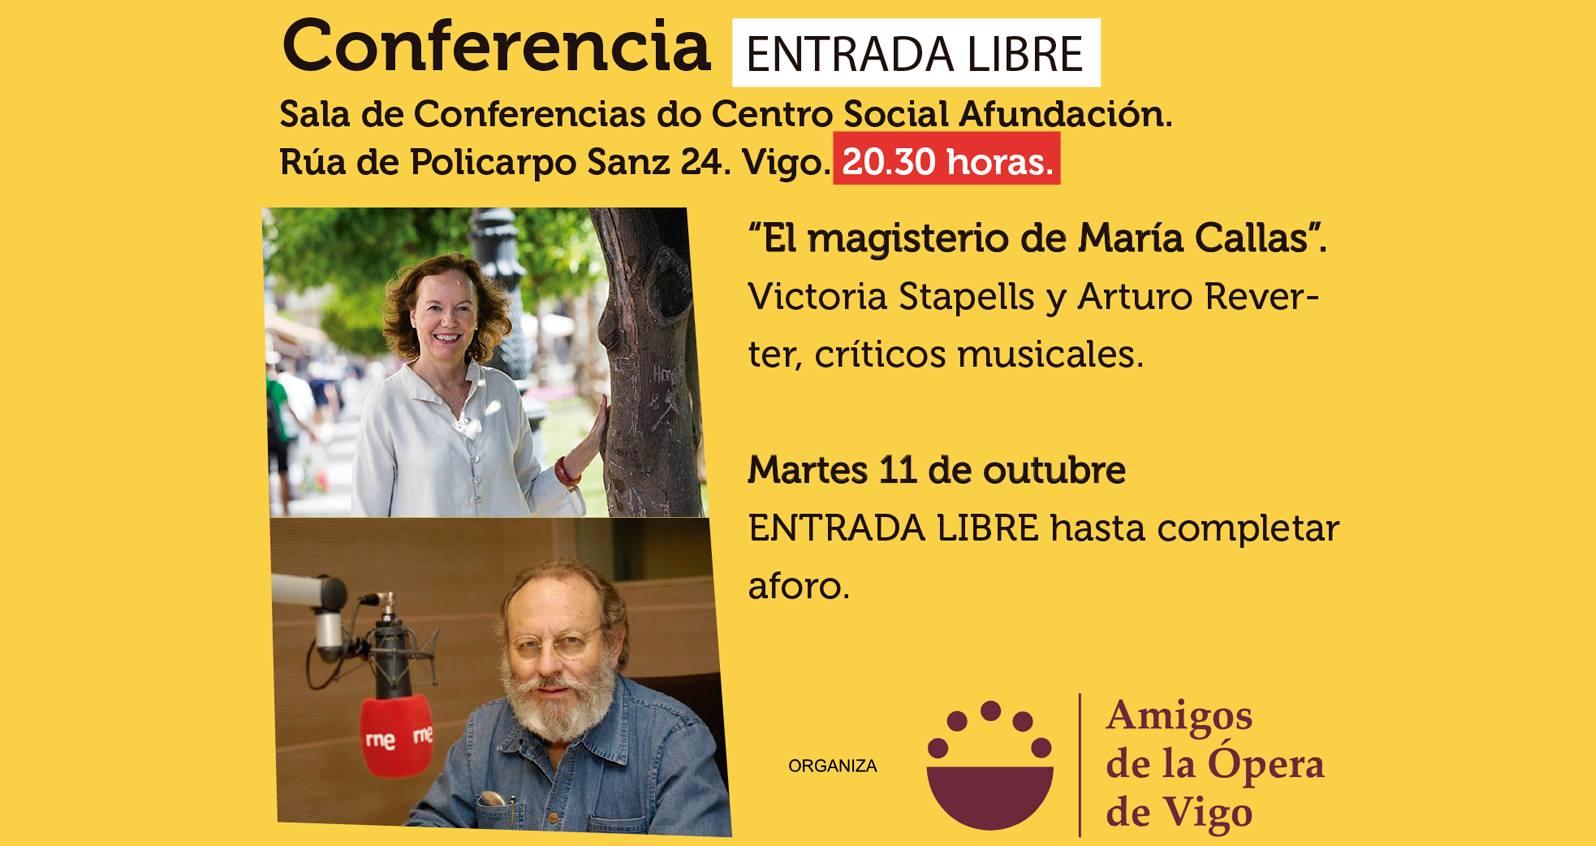 CHARLAS Y CONFERENCIAS EN PONTEVEDRA El magisterio de María Callas